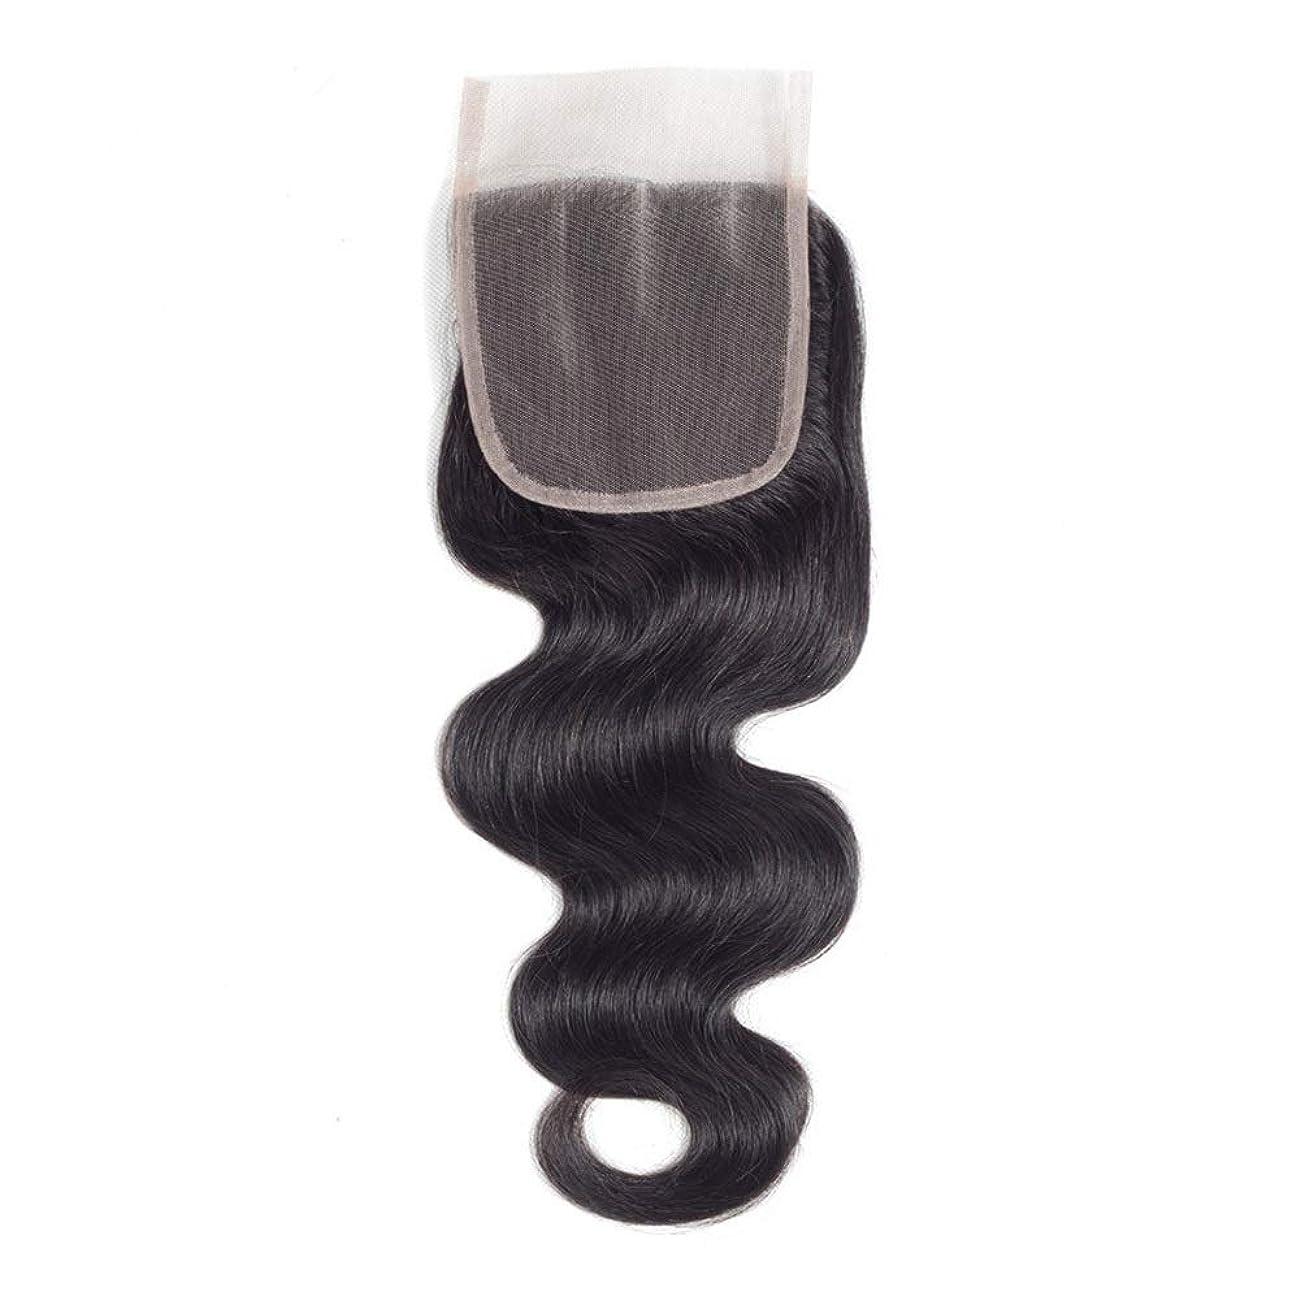 青兵器庫何でもBOBIDYEE ブラジル実体波巻き毛4 x 4インチレース閉鎖無料部分100%本物の人間の髪の毛の自然な色(8インチ-20インチ)長い巻き毛のかつら、 (色 : 黒, サイズ : 14 inch)